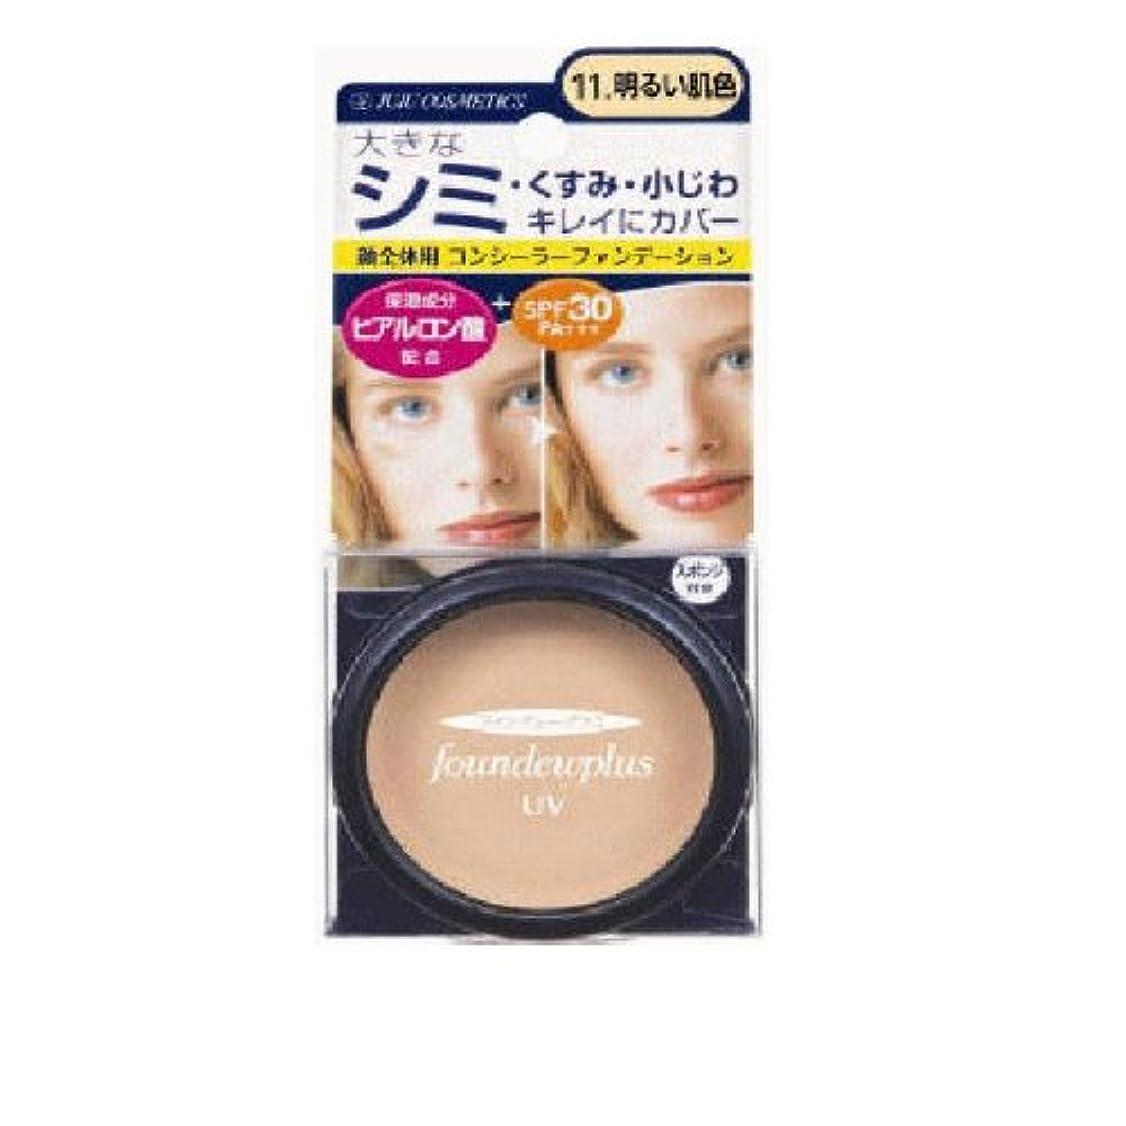 カウントアップマスタードきつくファンデュープラスR UVコンシーラーファンデーション 11.明るい肌色